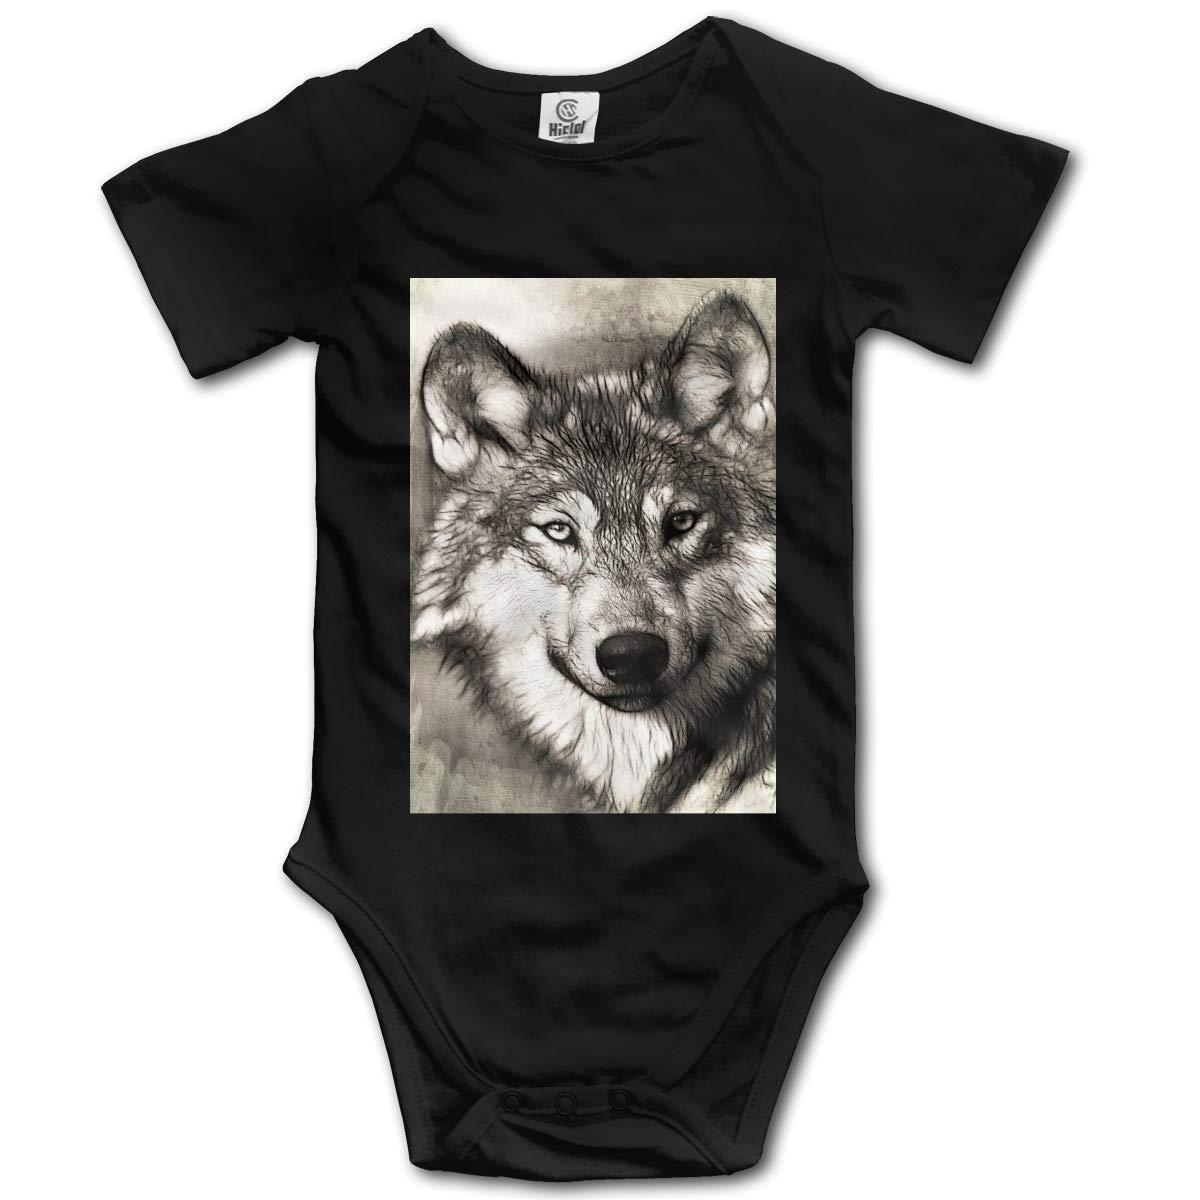 Alpine Full Moon Wolf Boys /& Girls Black Short Sleeve Romper Bodysuit Outfits for 0-24 Months